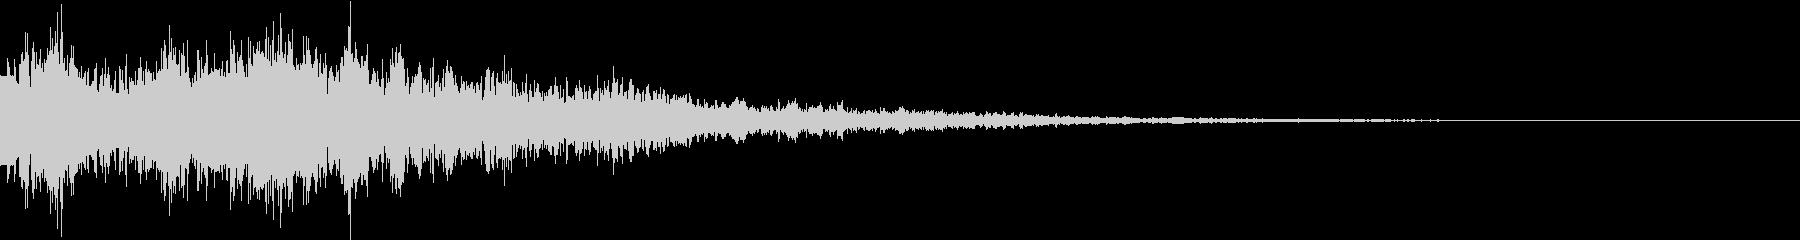 プリューンリュン(ボタン音・プッシュ音)の未再生の波形